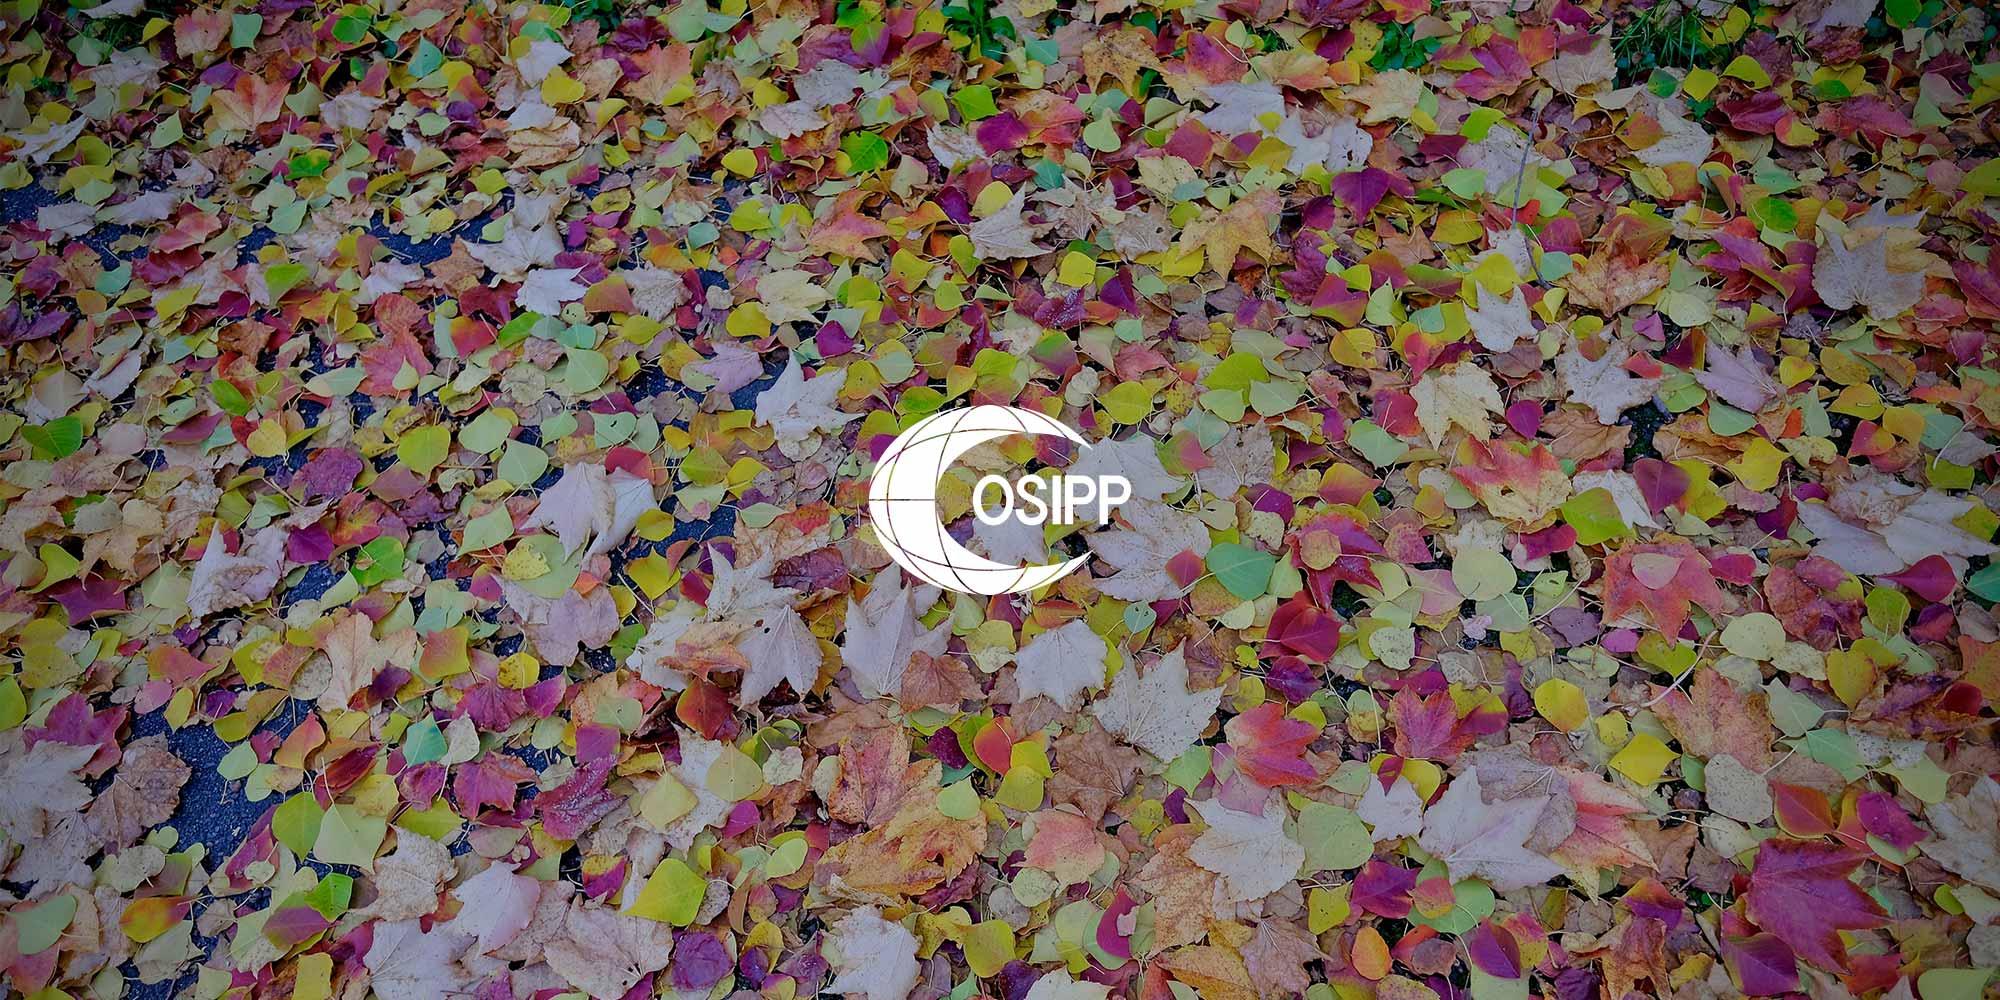 OSIPP leaves logo